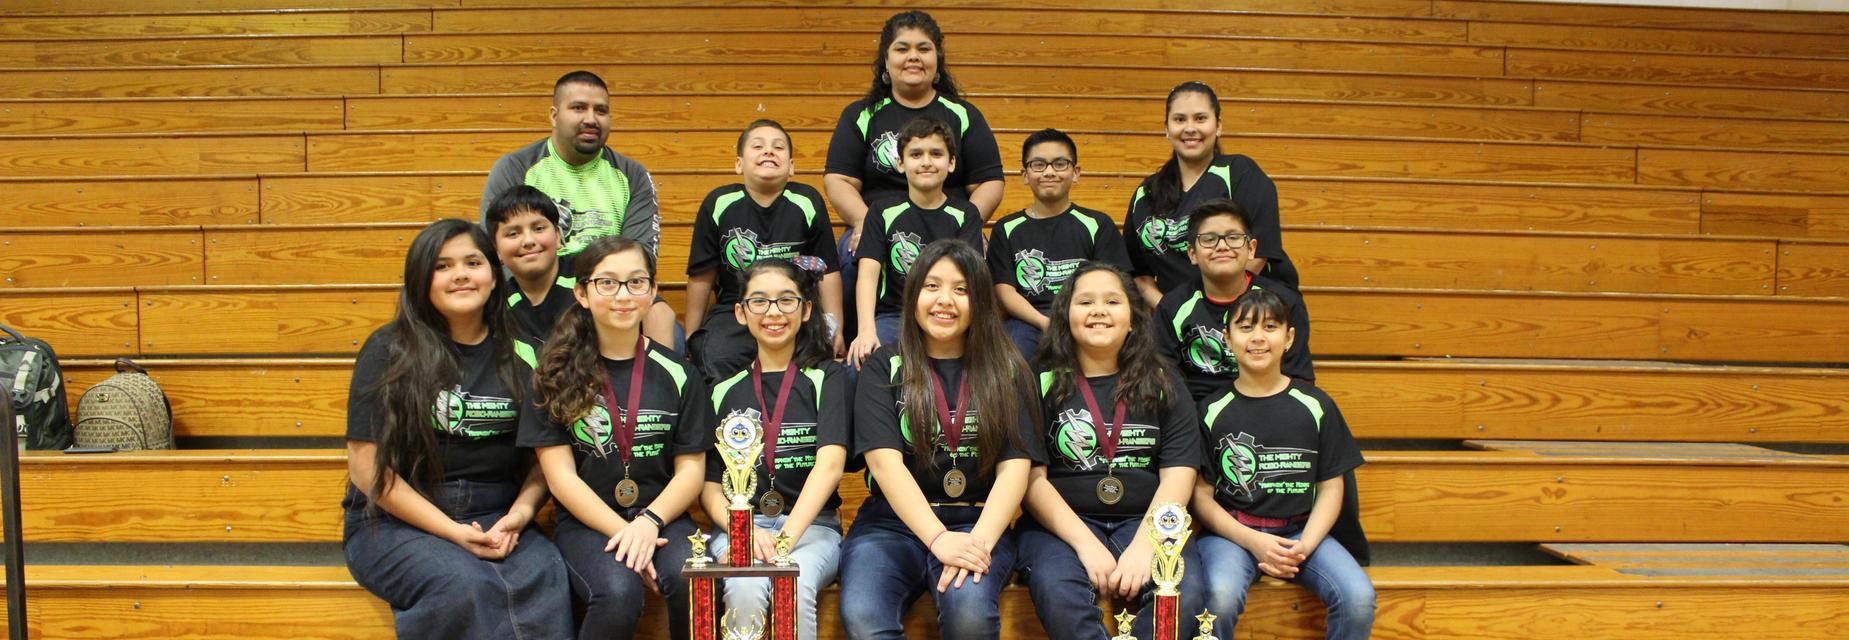 Robo Rangers Challengers team